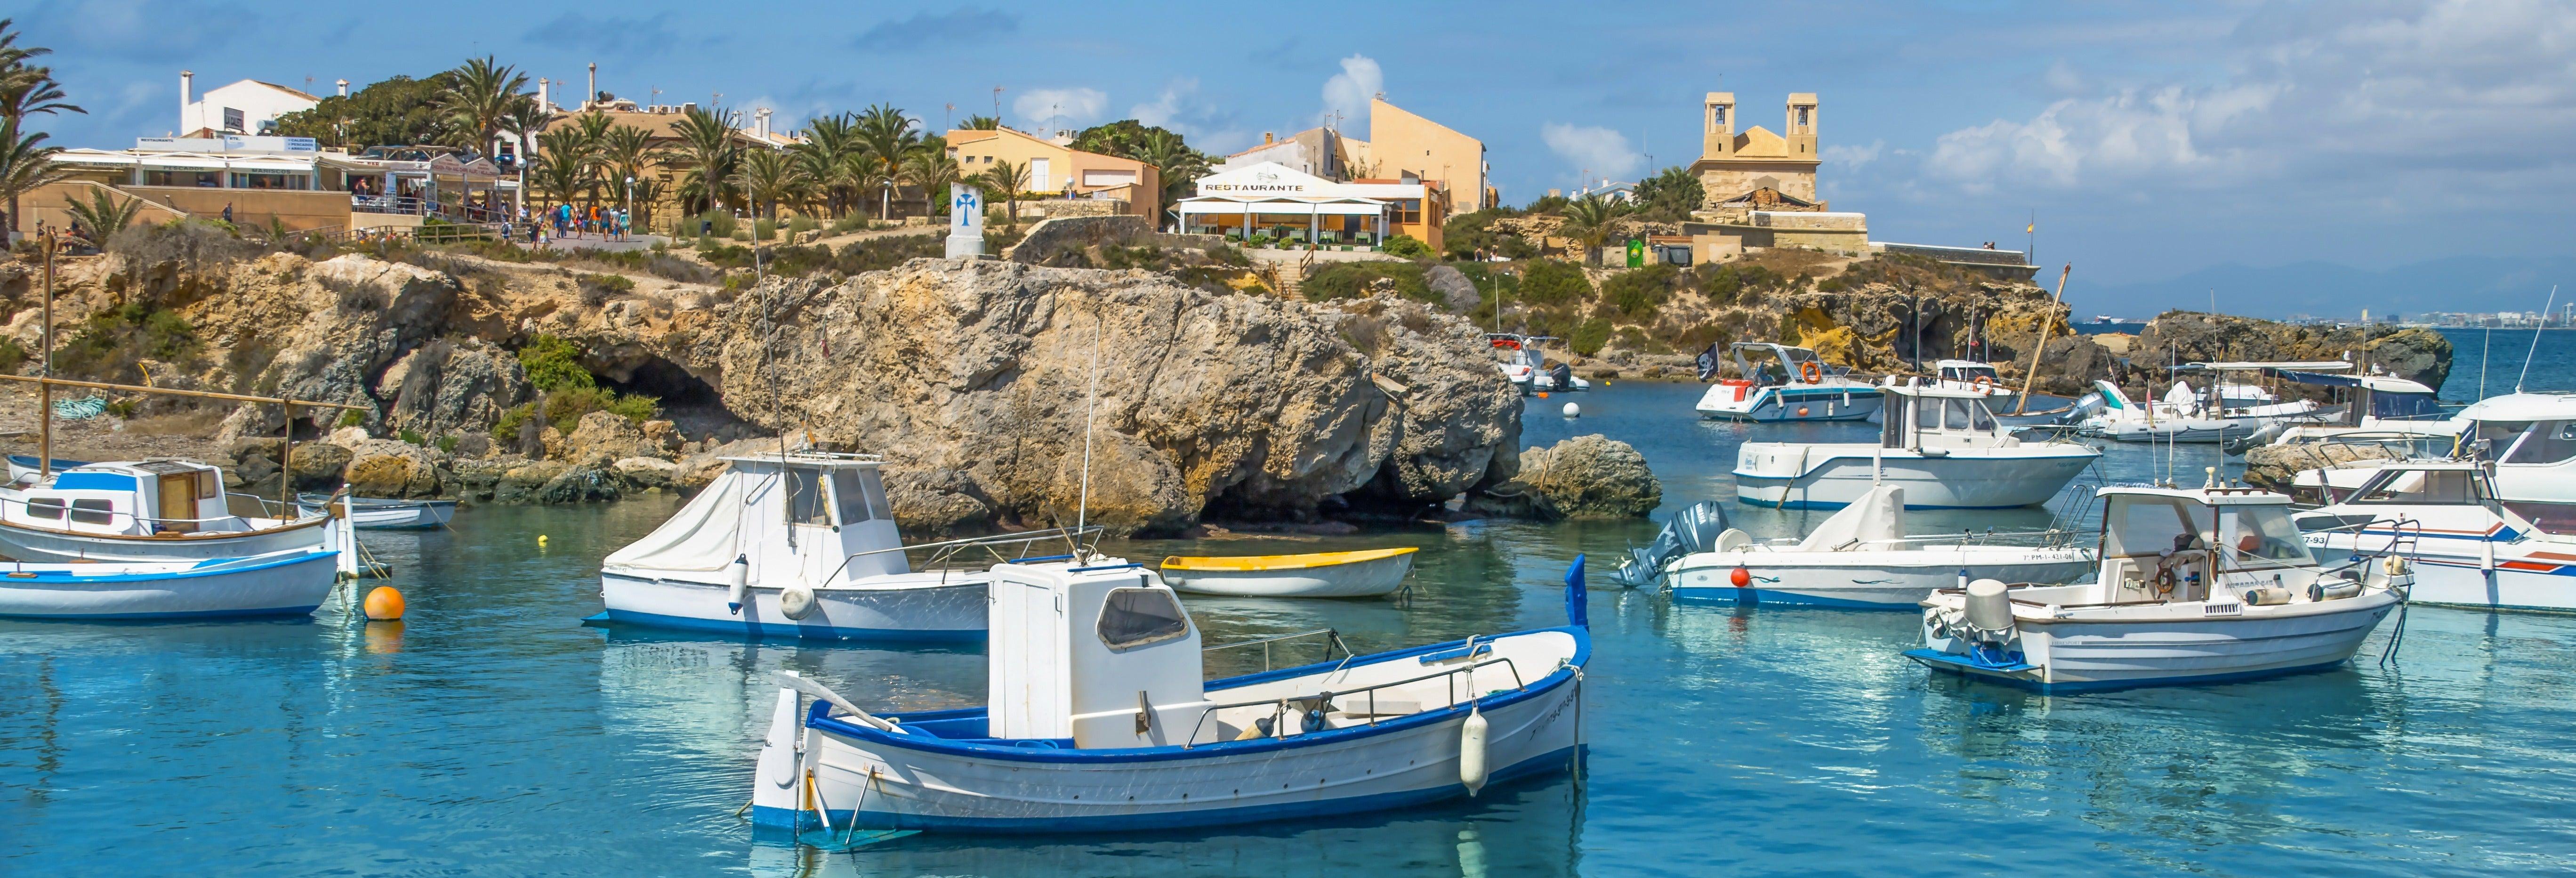 Excursión al Mar Menor y Tabarca en moto de agua